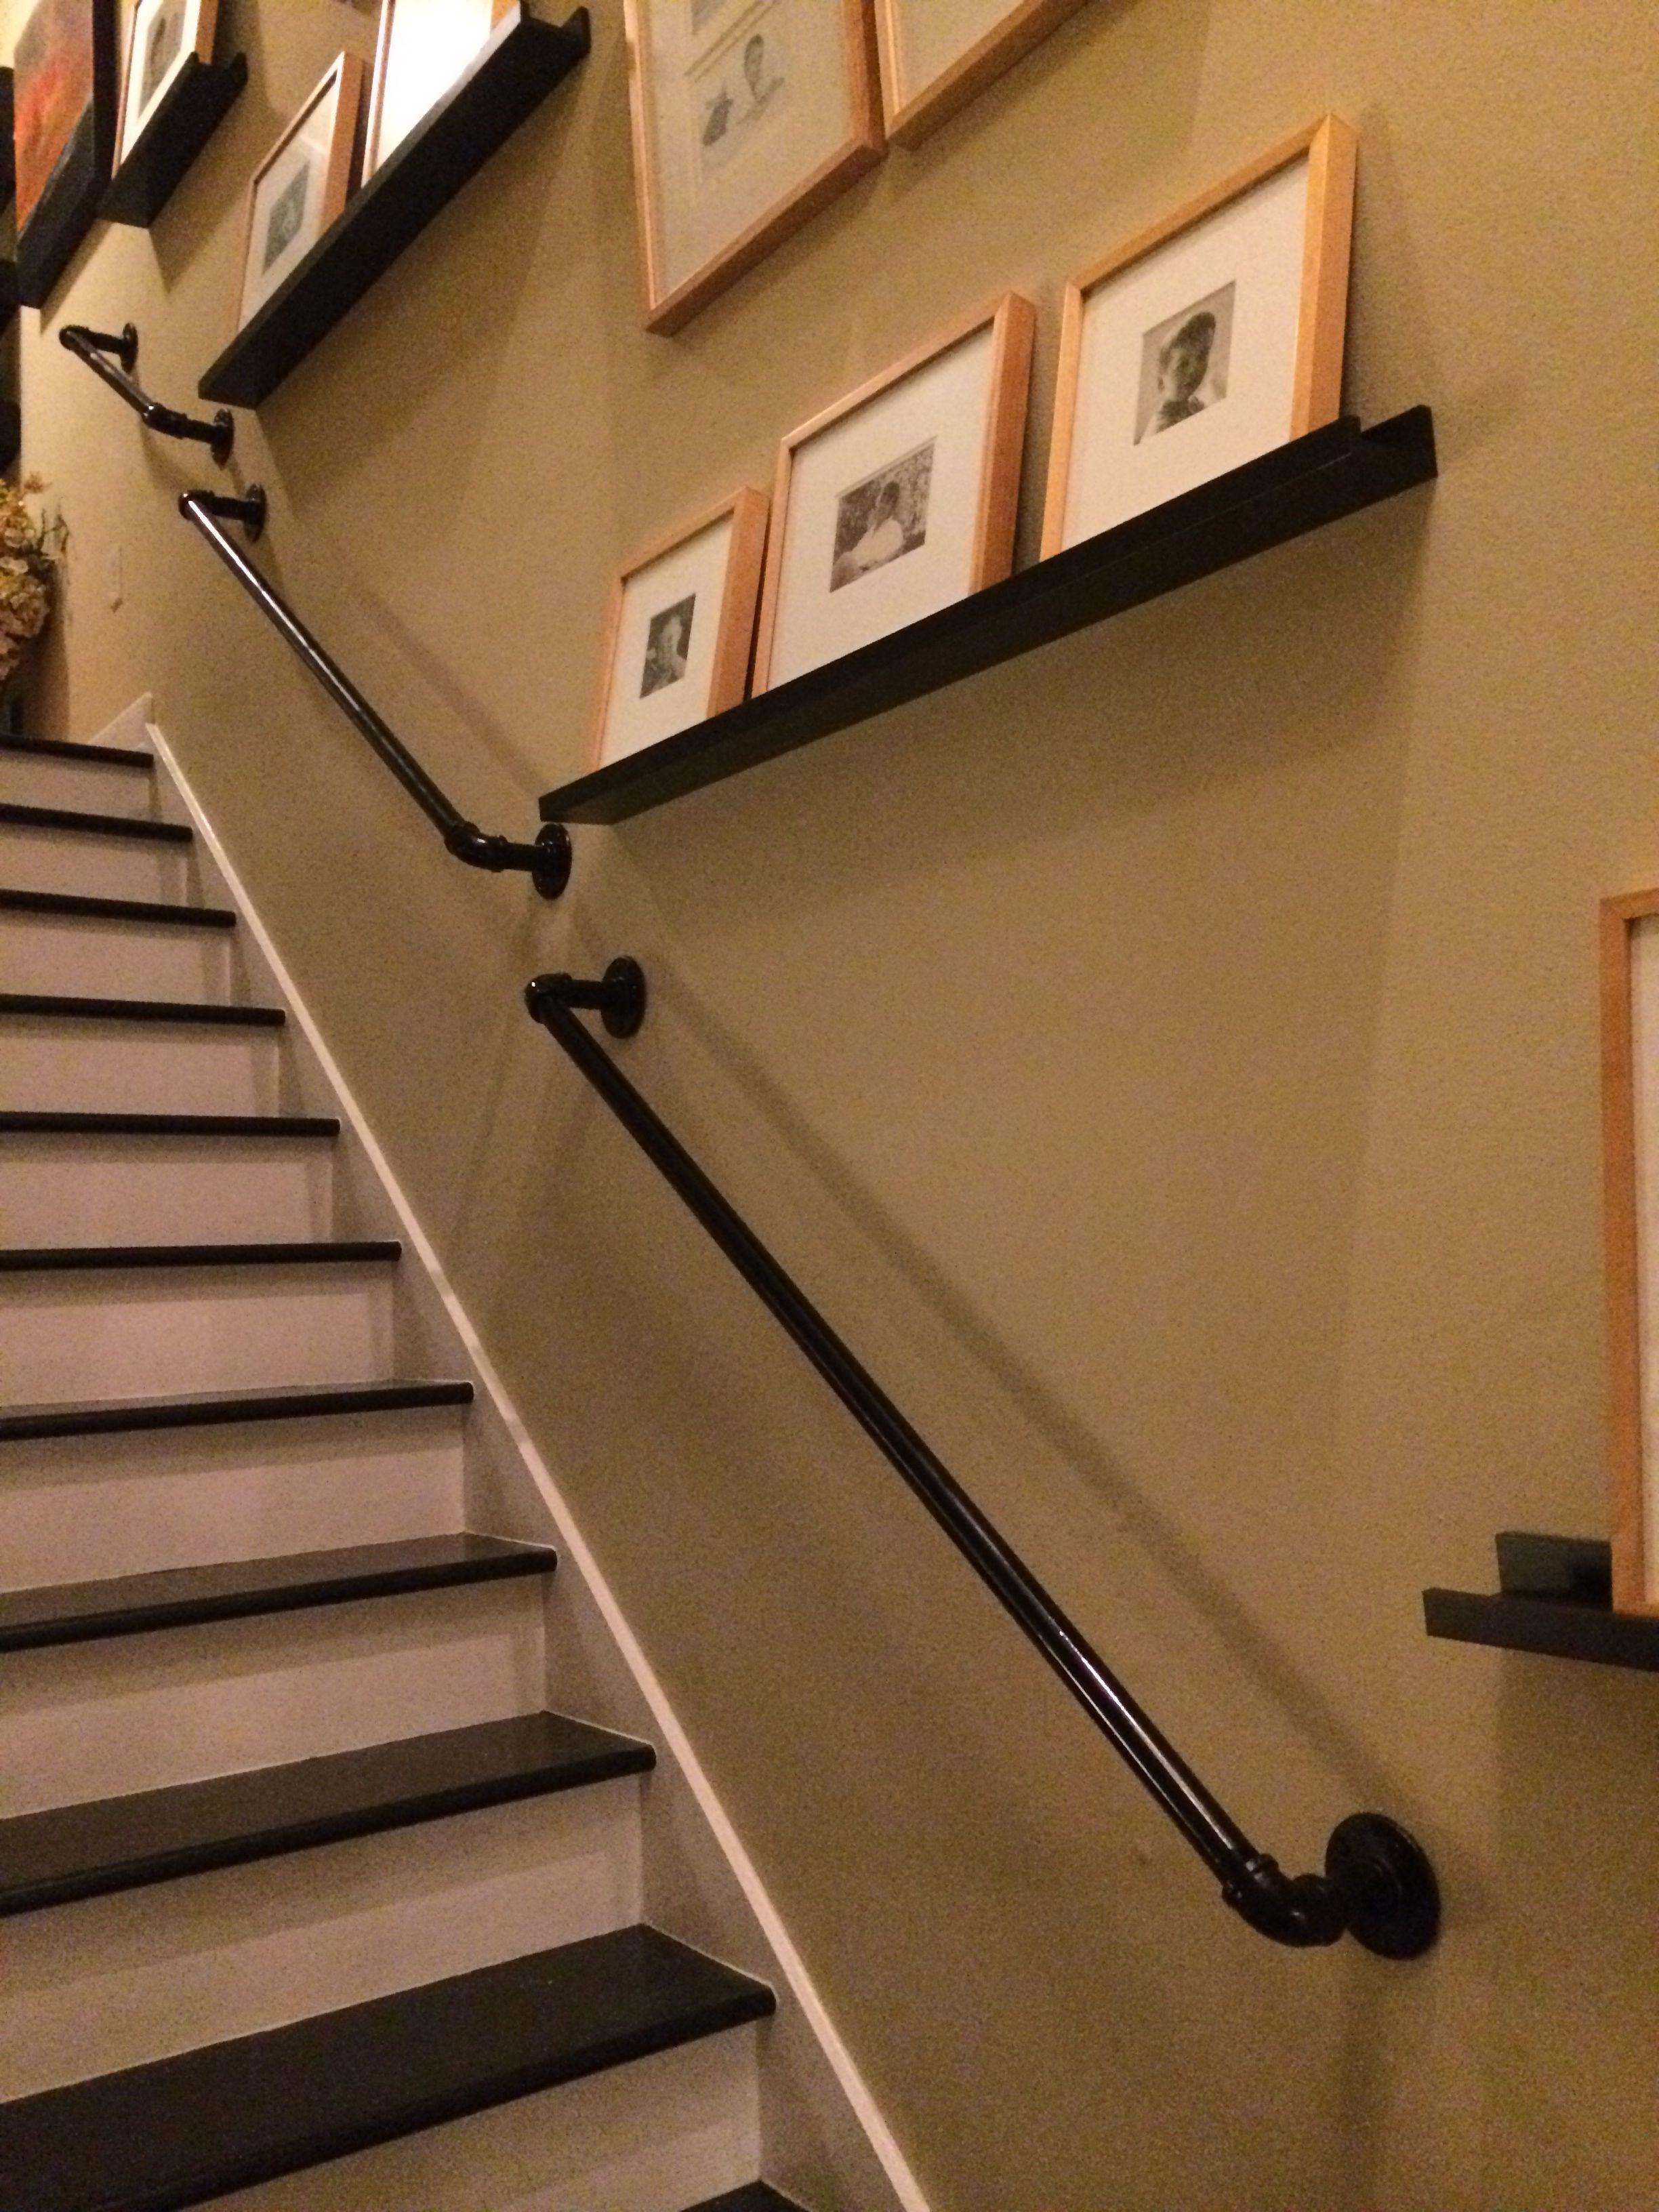 Pin On Home Renos | Black Iron Pipe Handrail | Custom Iron | Galvanized Pipe | Stairway | Aluminum Pipe | Water Pipe